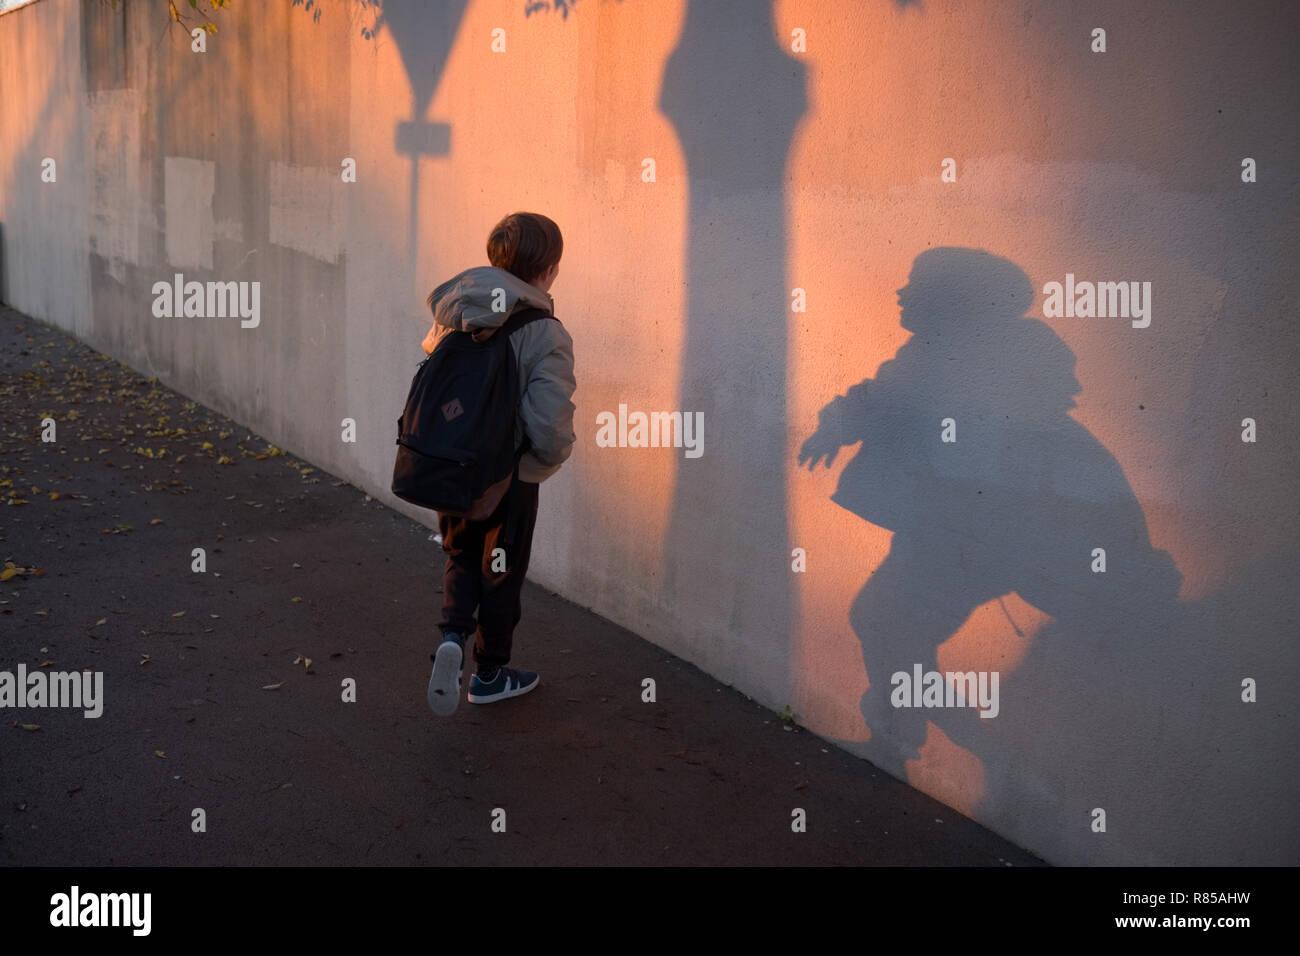 Am frühen Morgen des 11 Jahre alten Junge mit Schultasche spielen mit seinen Schatten an der Wand auf dem Weg zur Hochschule Stockbild